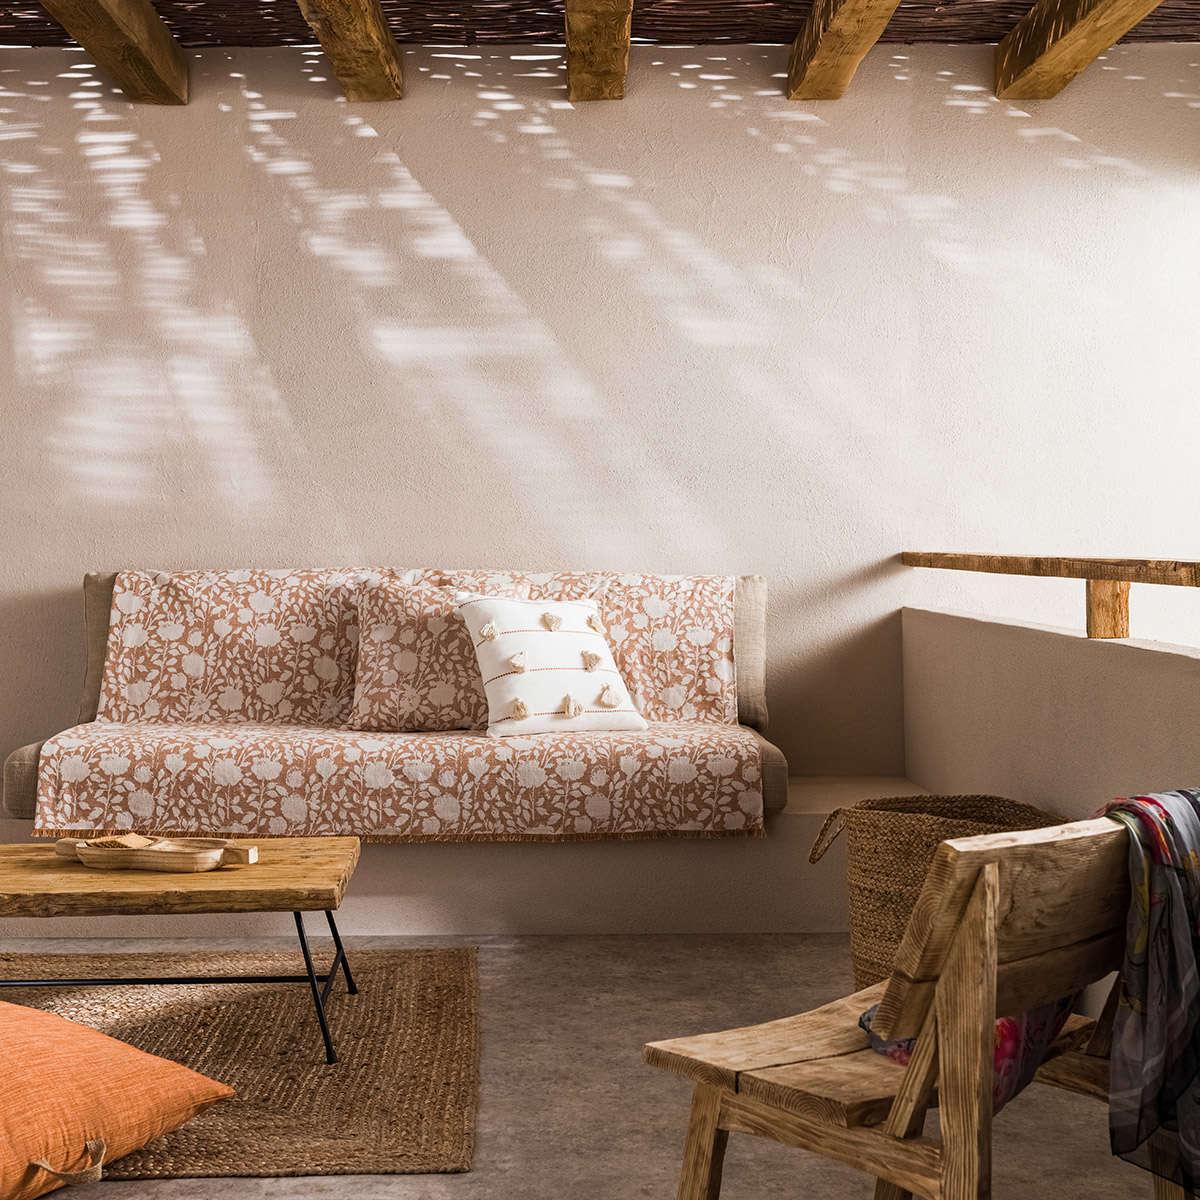 Ριχτάρι Rosefield Brown 201/13 Gofis Home Τετραθέσιο 180x350cm